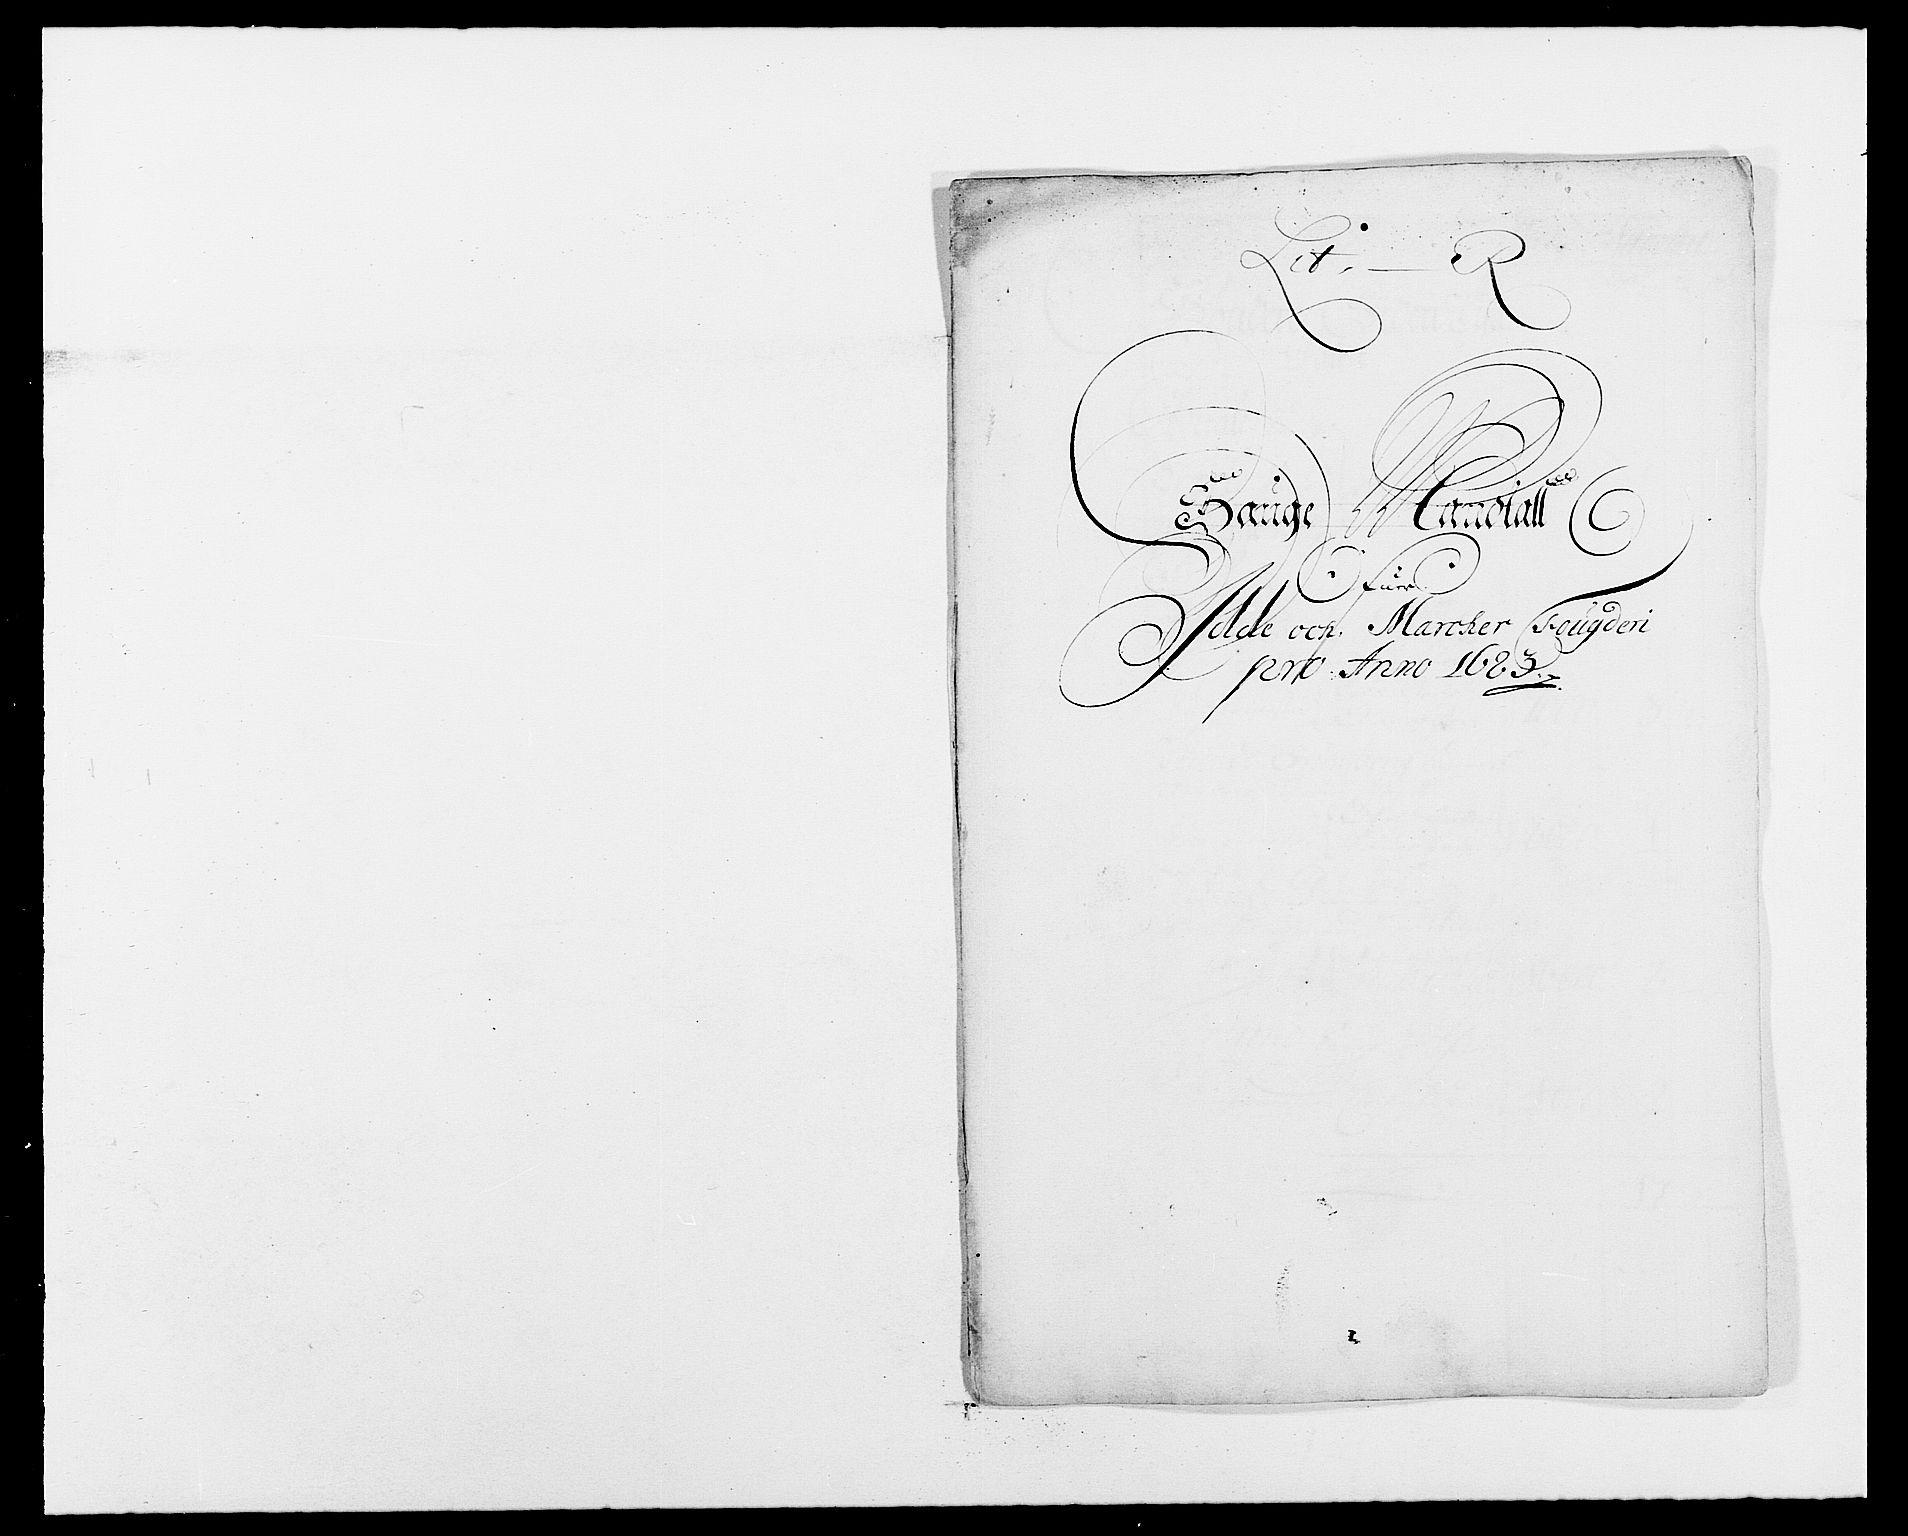 RA, Rentekammeret inntil 1814, Reviderte regnskaper, Fogderegnskap, R01/L0004: Fogderegnskap Idd og Marker , 1682-1683, s. 295